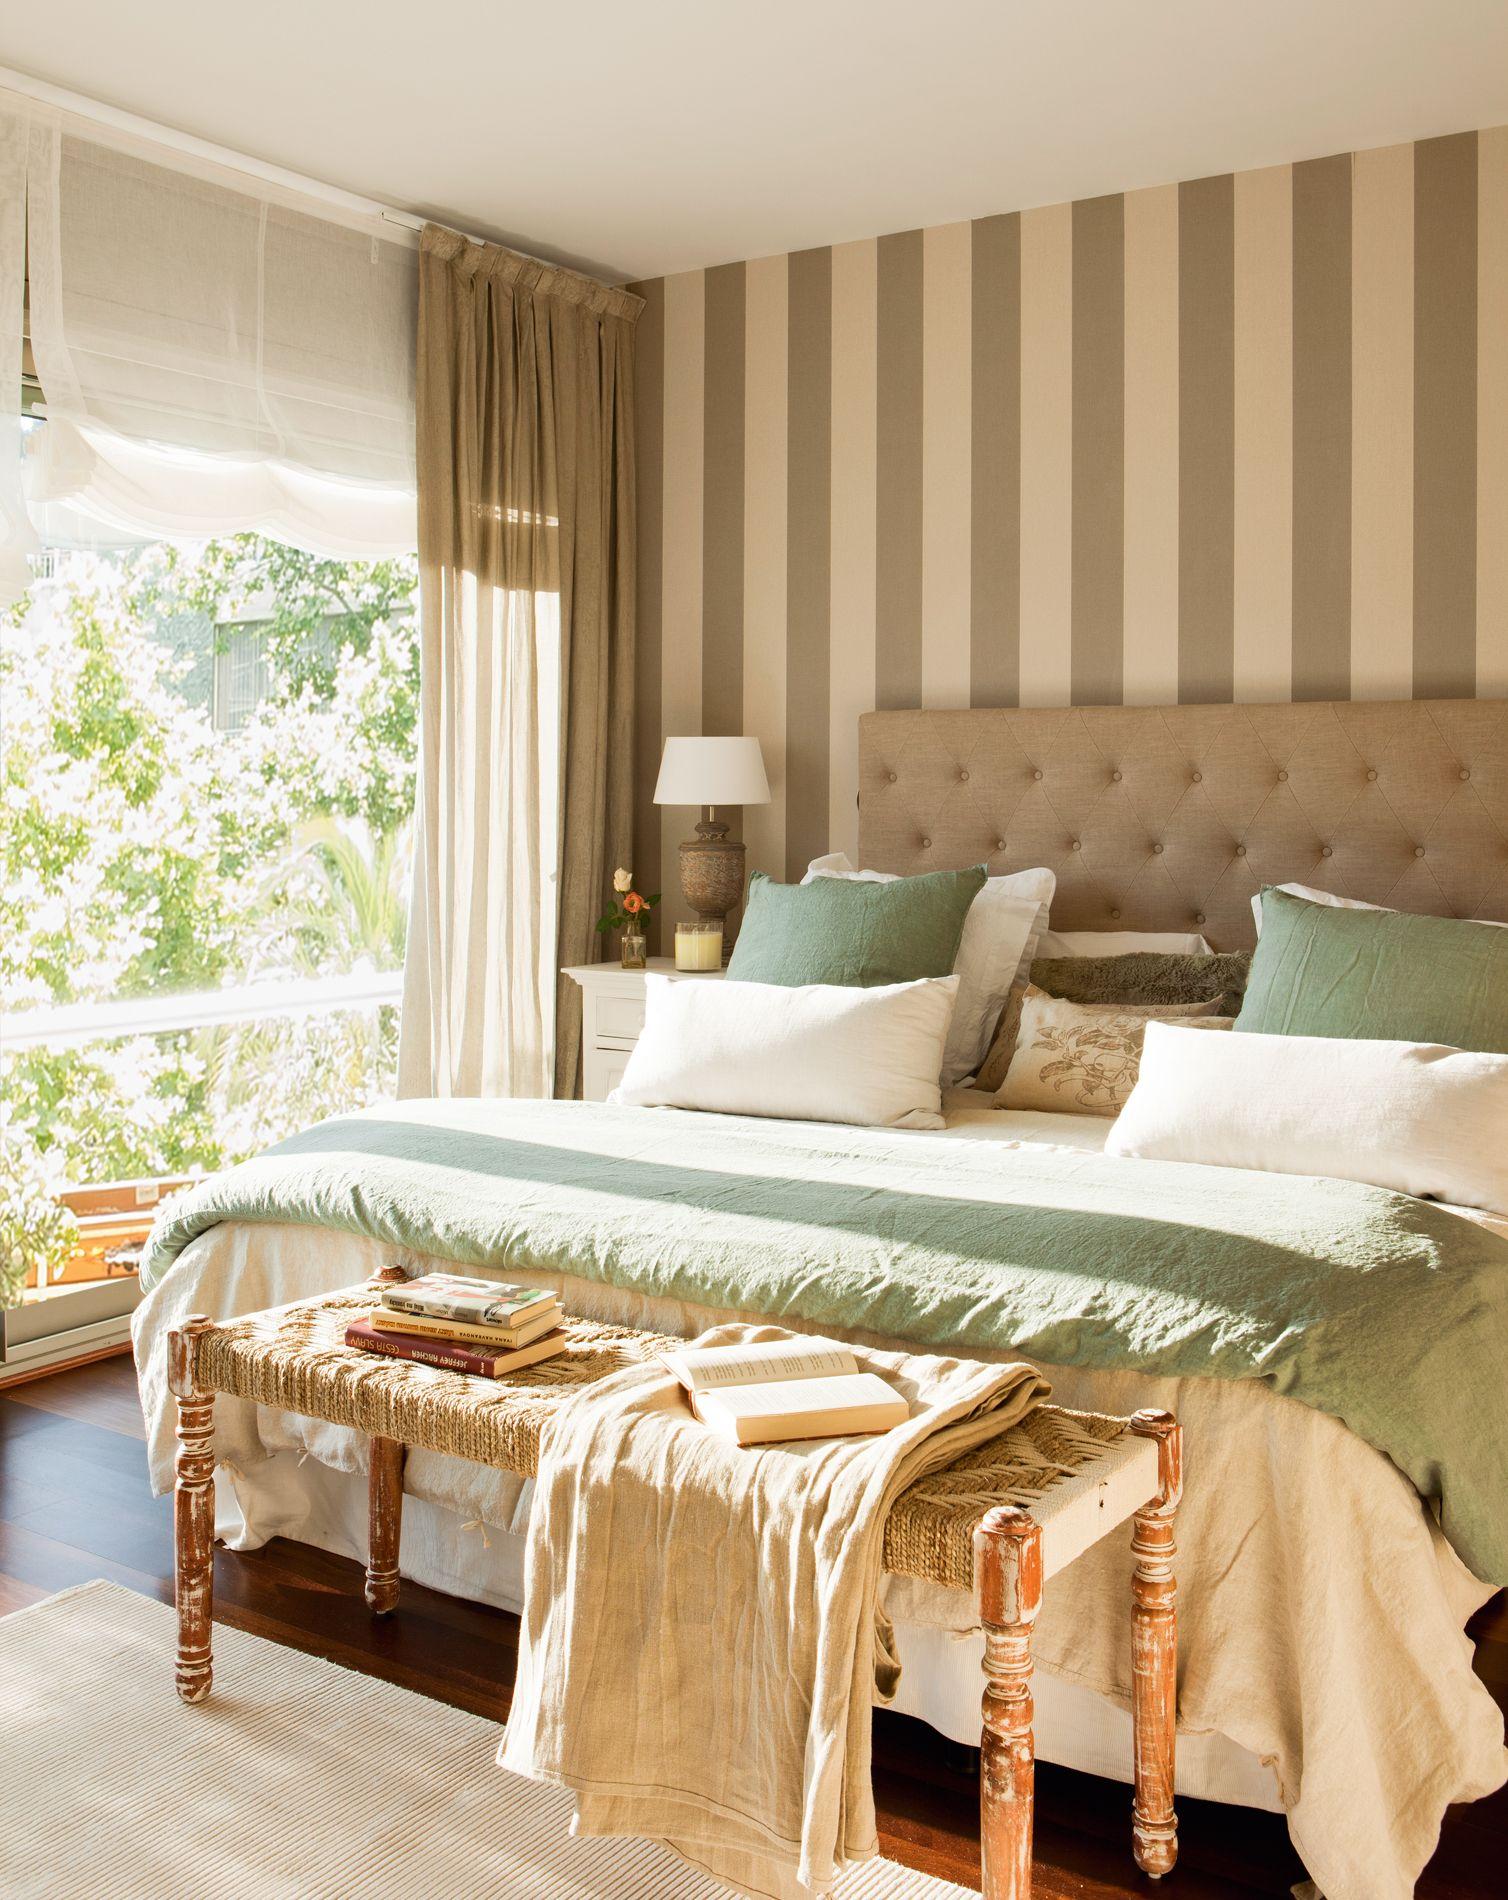 Dormitorio con papel pintado a ryas y cabecero tapizado capiton